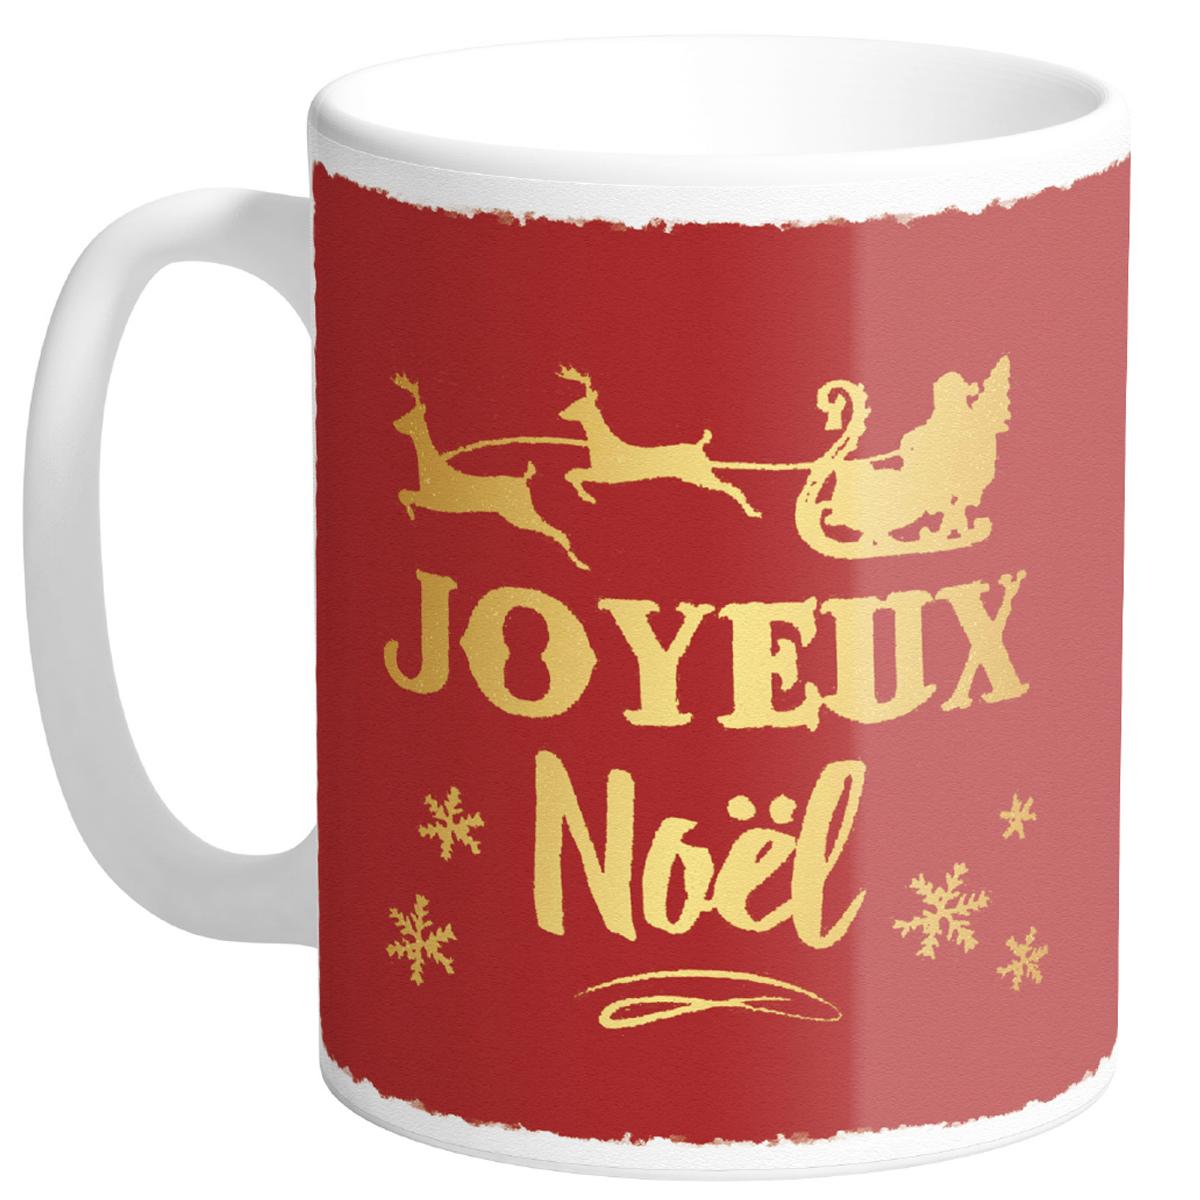 Mug céramique \'Joyeux Noël\' rouge (Made in France) - hauteur 95 cm diamètre 8 cm - [R0482]